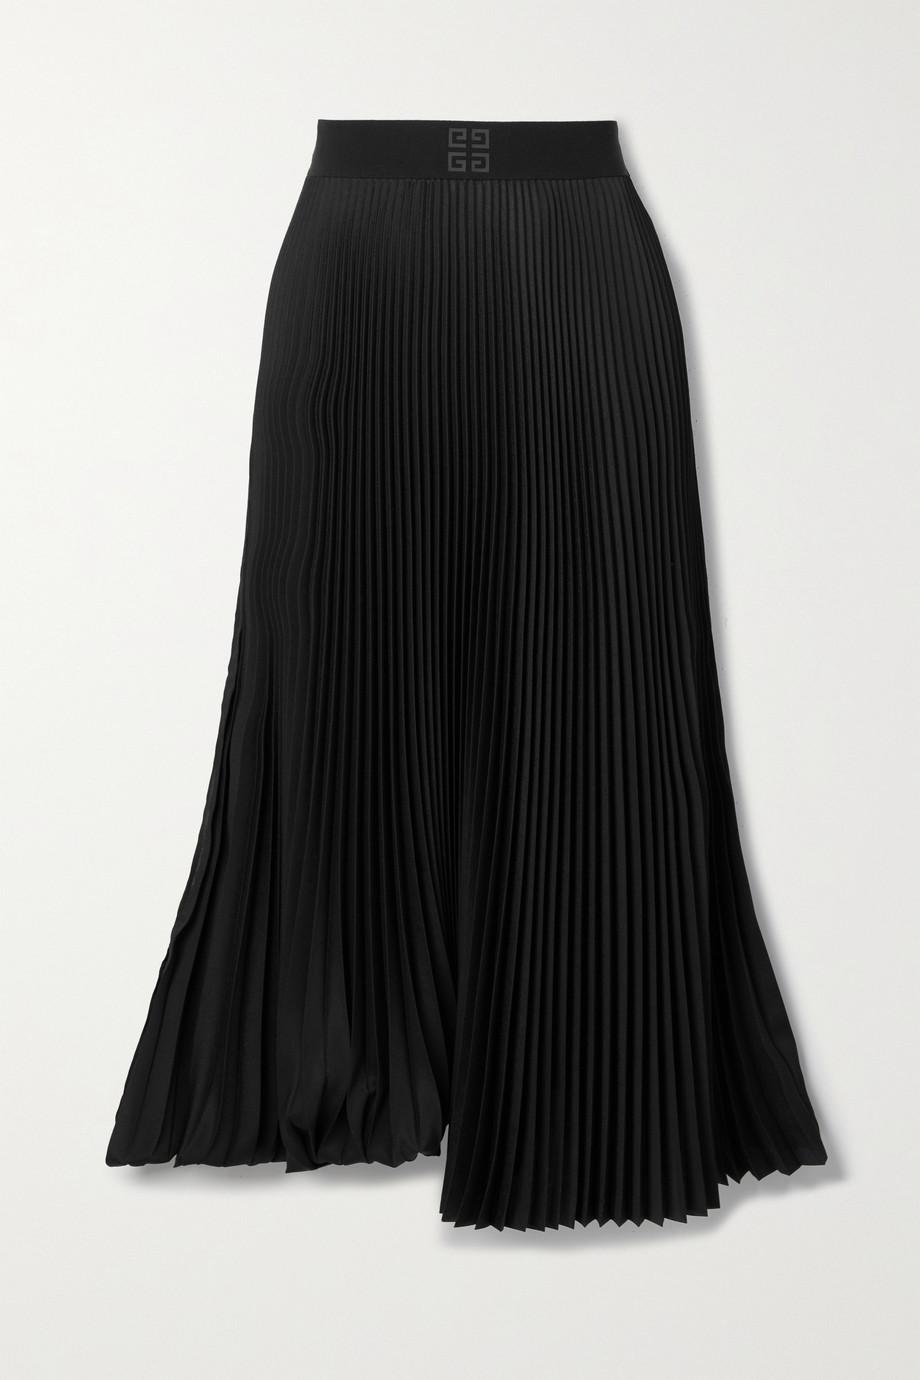 Givenchy Jupe asymétrique plissée en crêpe de Chine